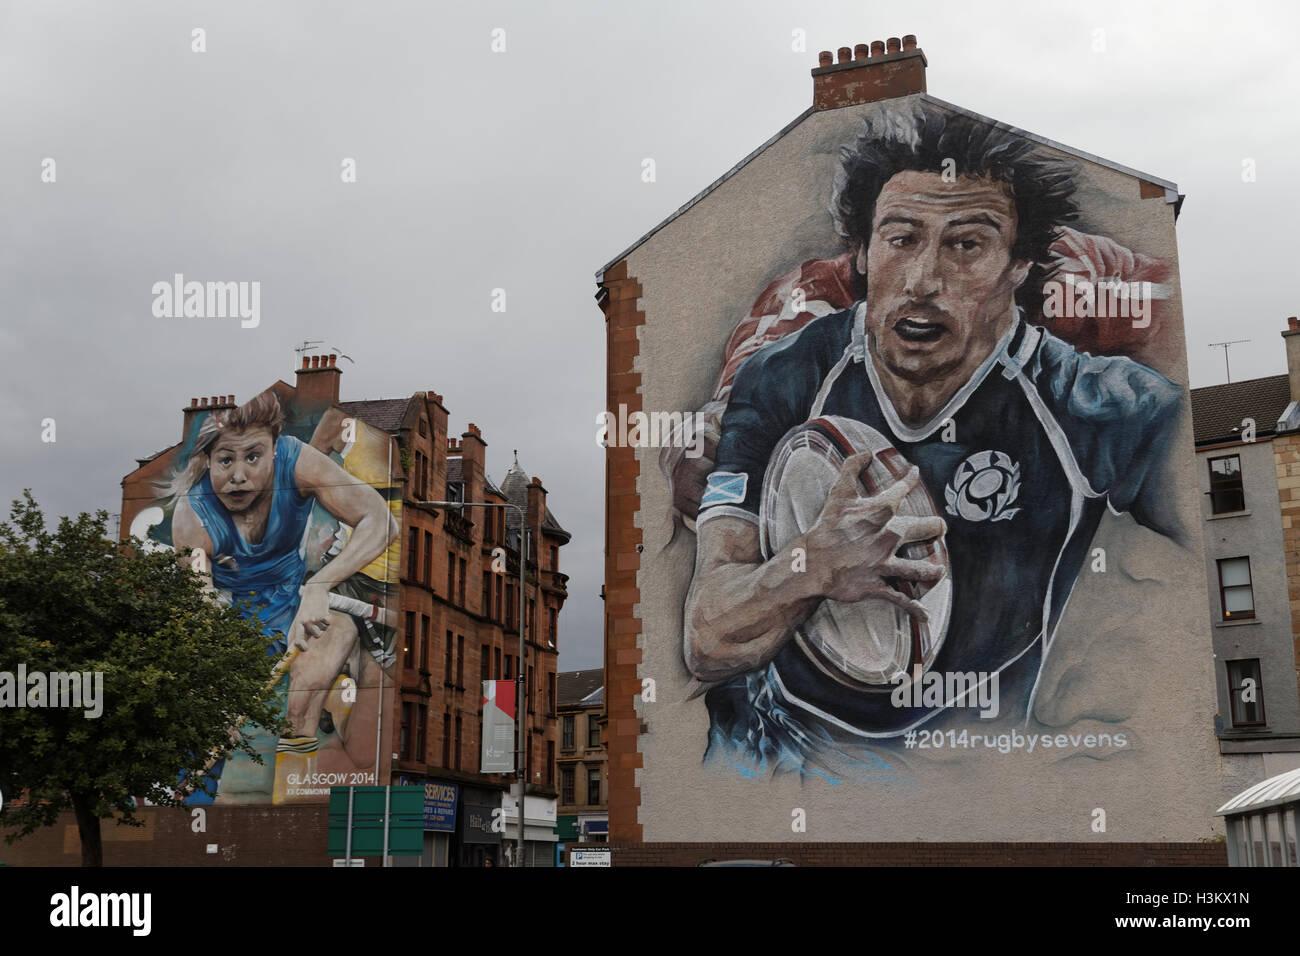 Glasgow Commonwealth Games Wandmalereien auf Seiten von Gebäuden, Rugby, Korbball und Hockey auf Partick Busbahnhof Stockbild